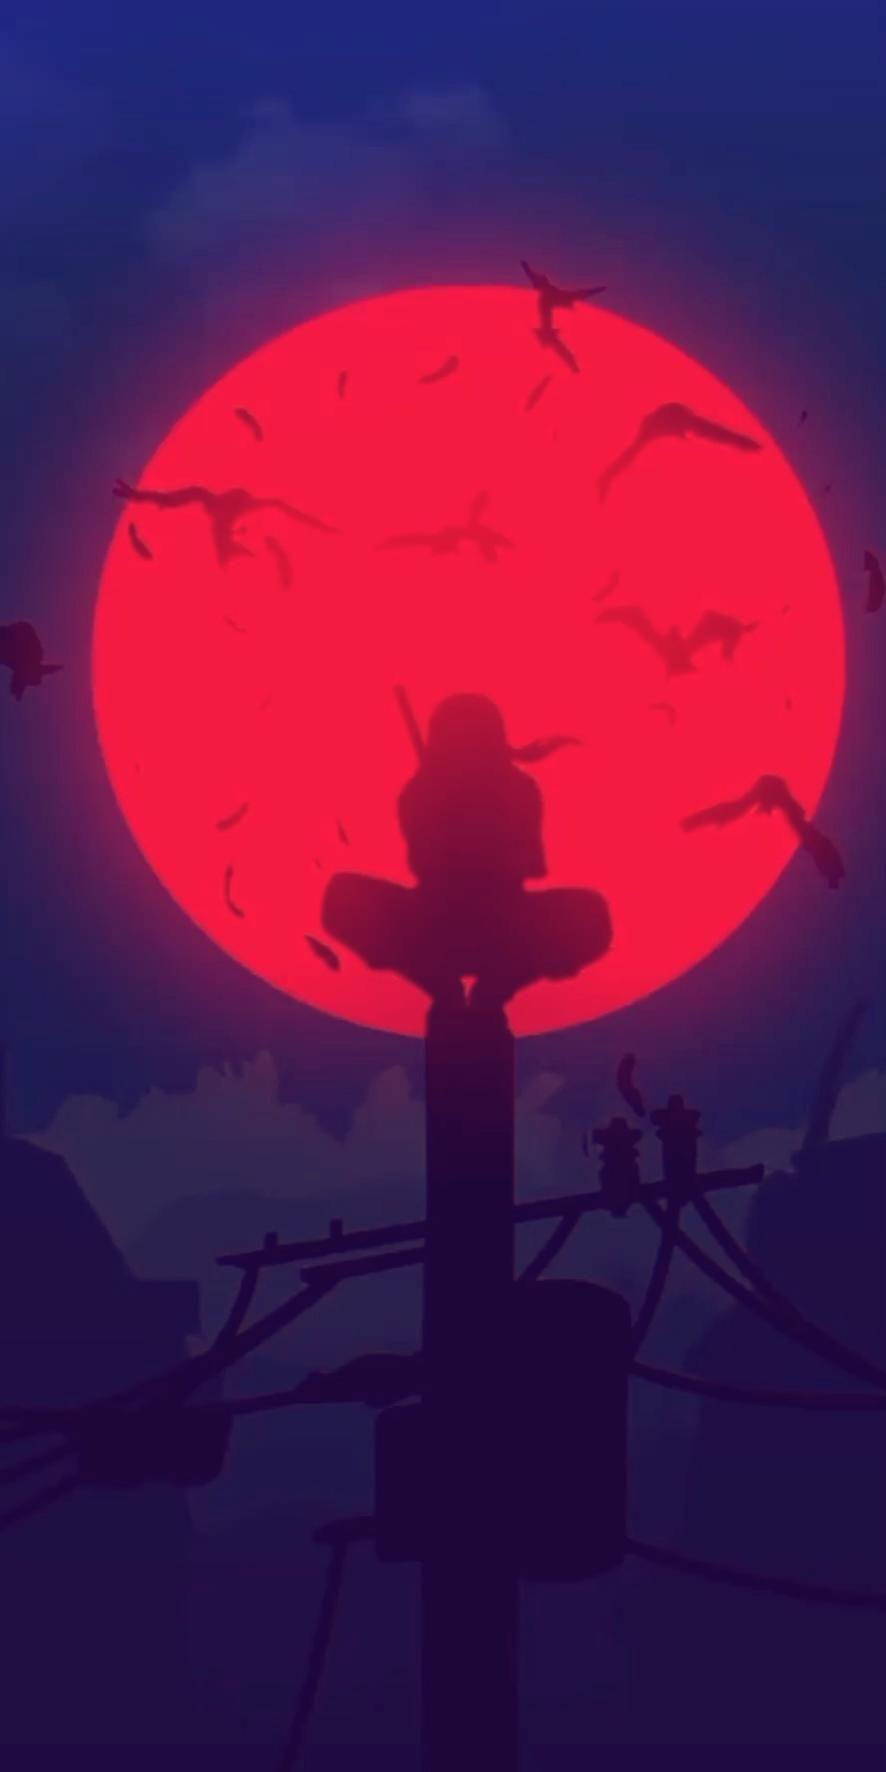 Hình nền động Naruto Uchiha Itachi